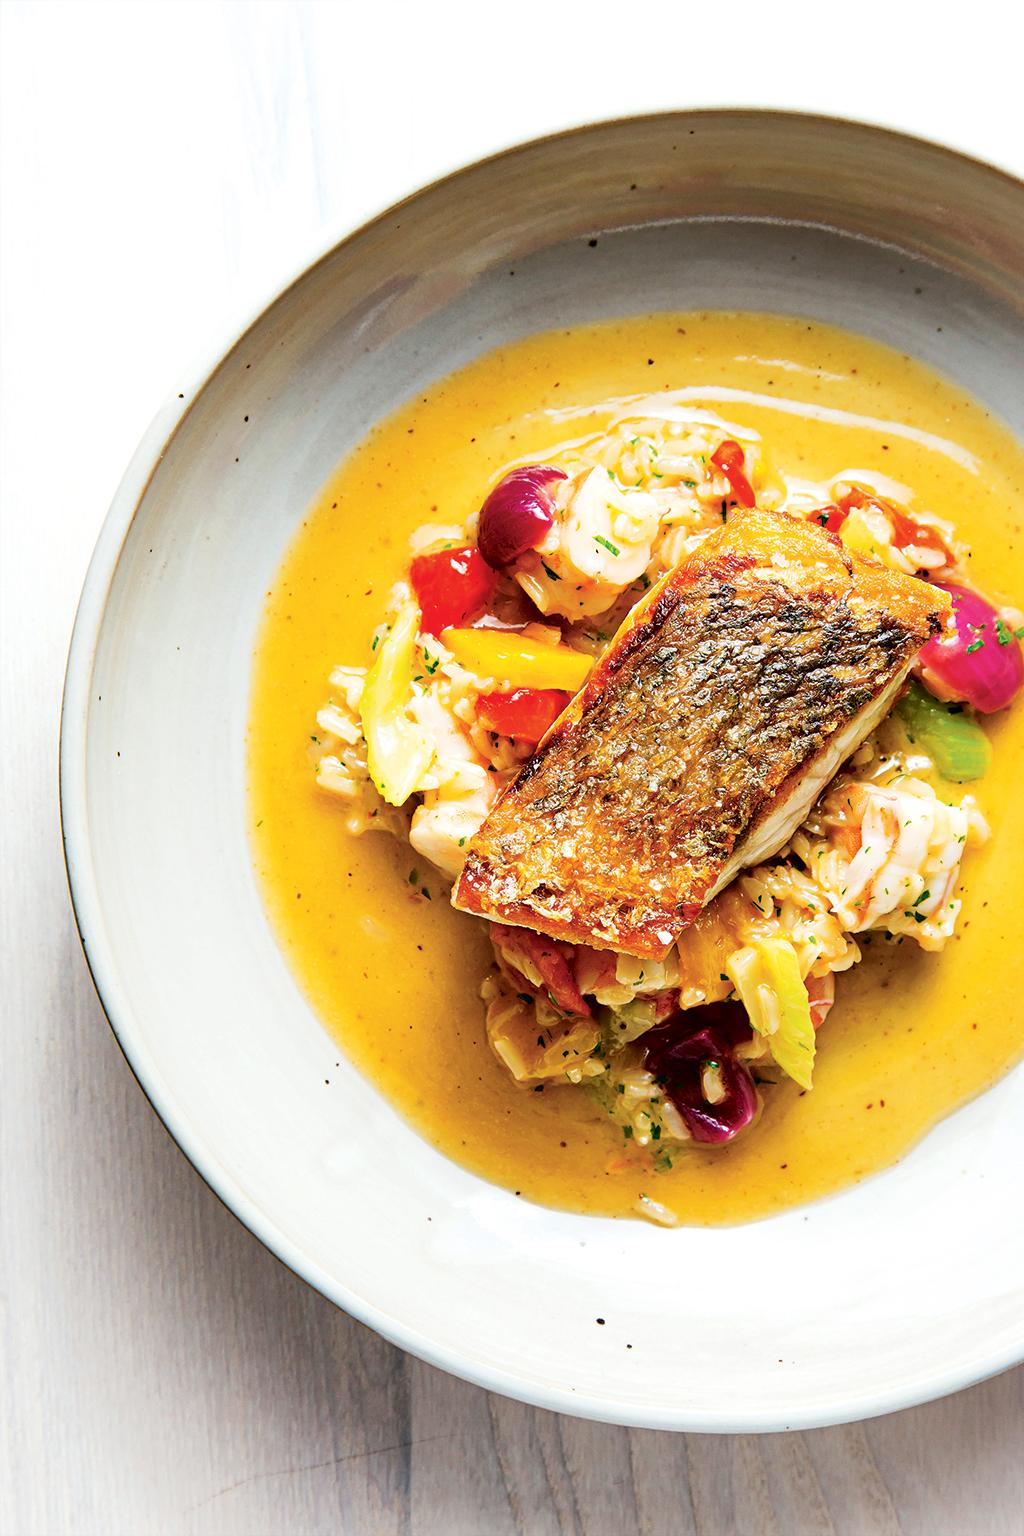 At Kinship, redfish sits atop shrimp jambalaya seasoned with Old Bay.